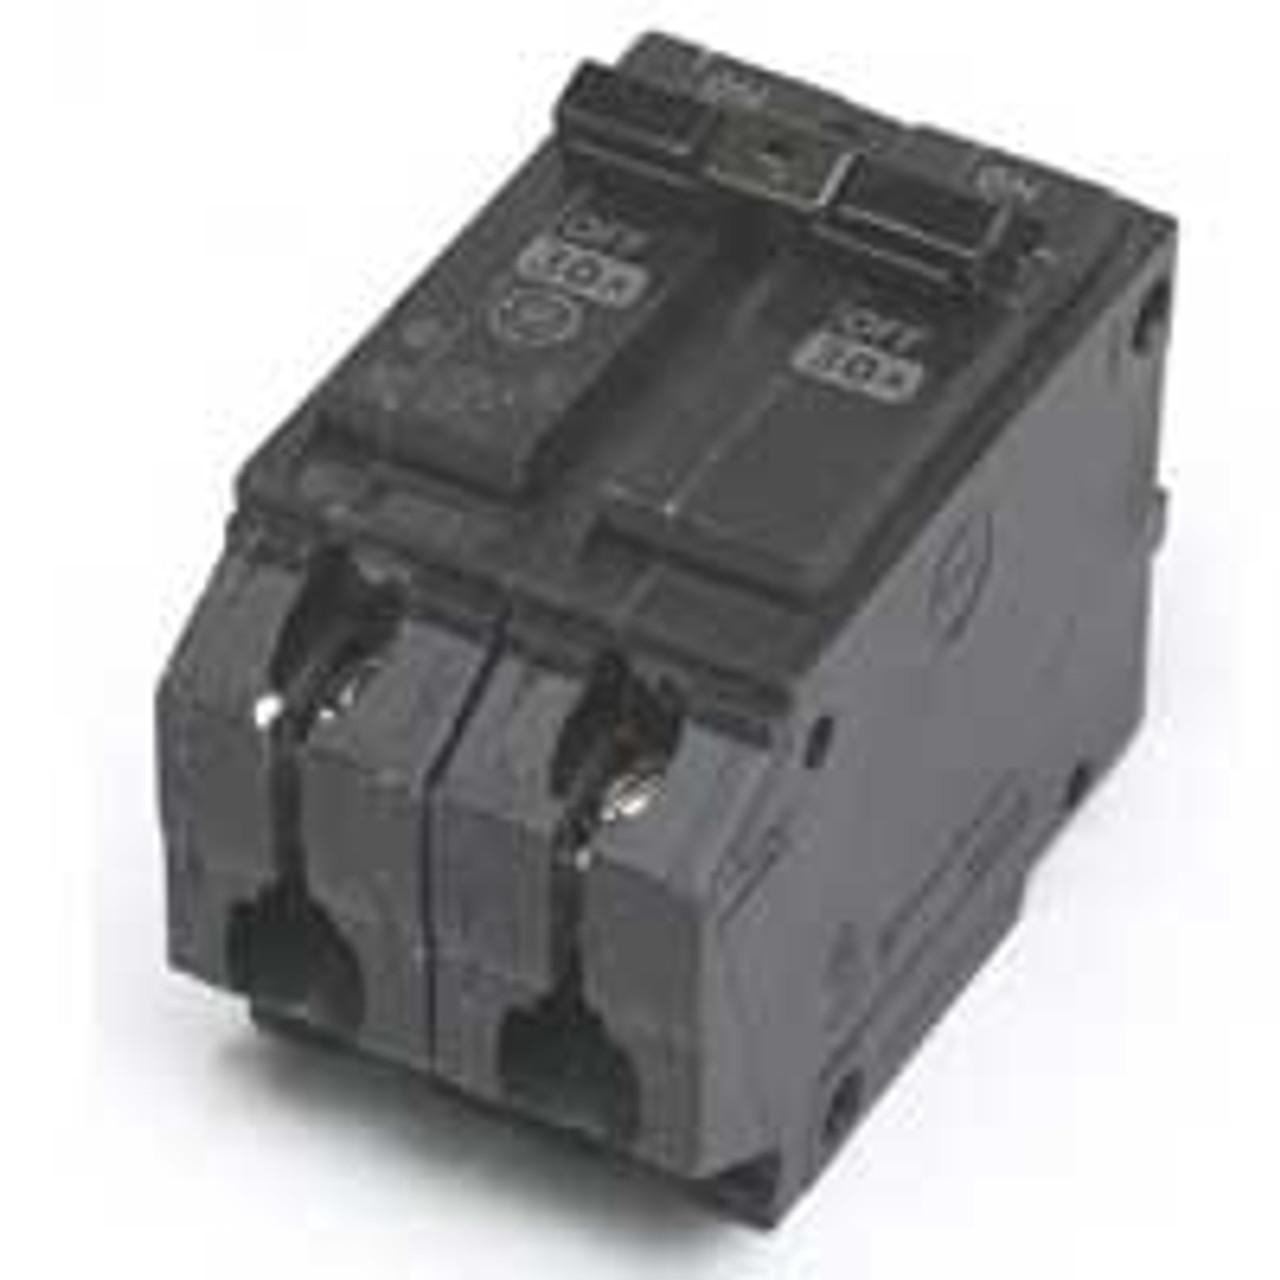 NEW IN BOX THQB32015 GENERAL ELECTRIC THQB32015